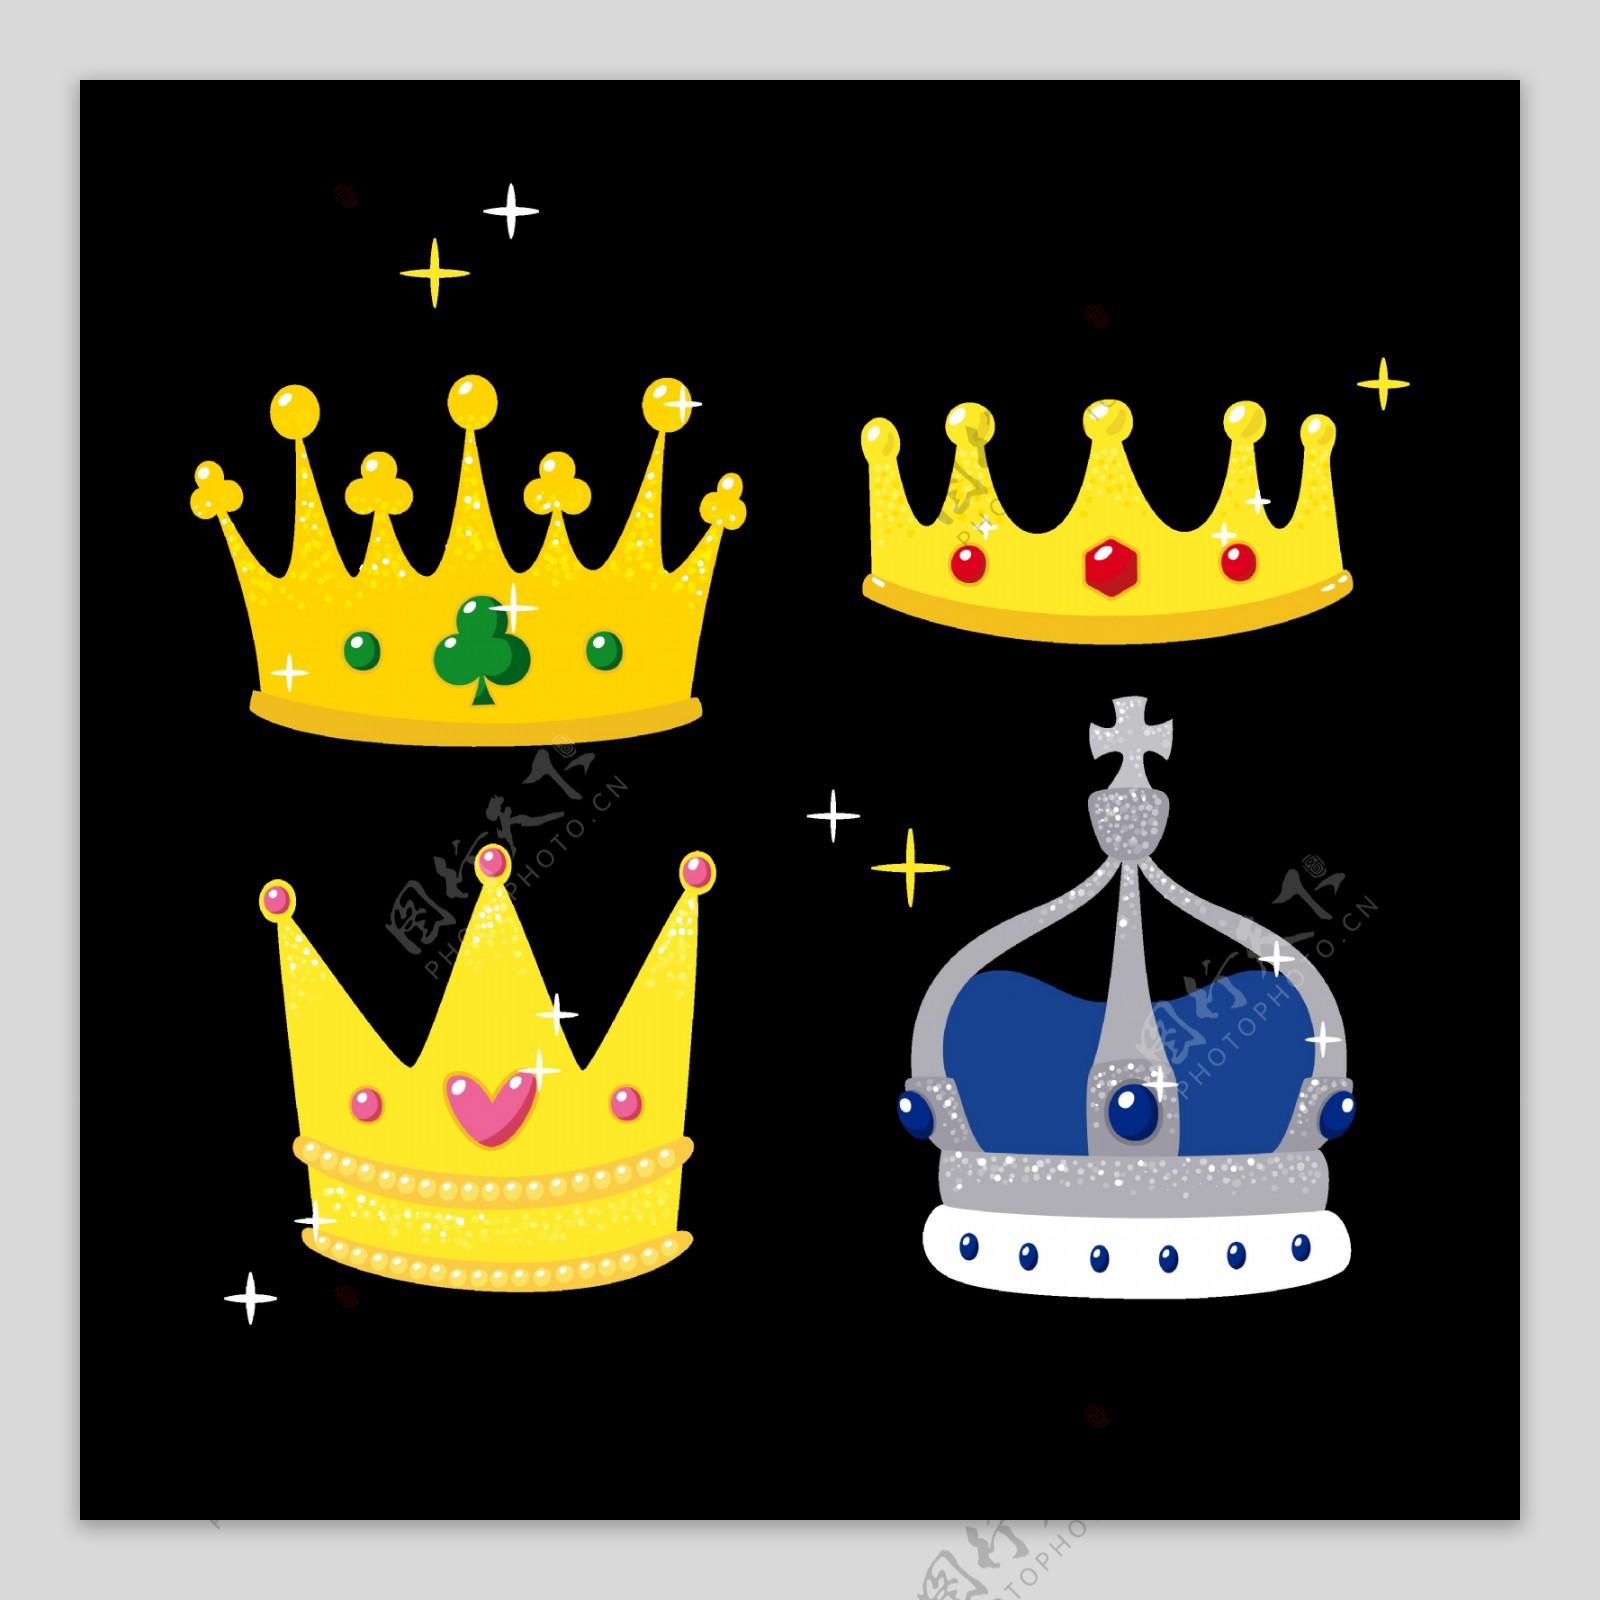 宝石皇冠图标免抠png透明图层素材